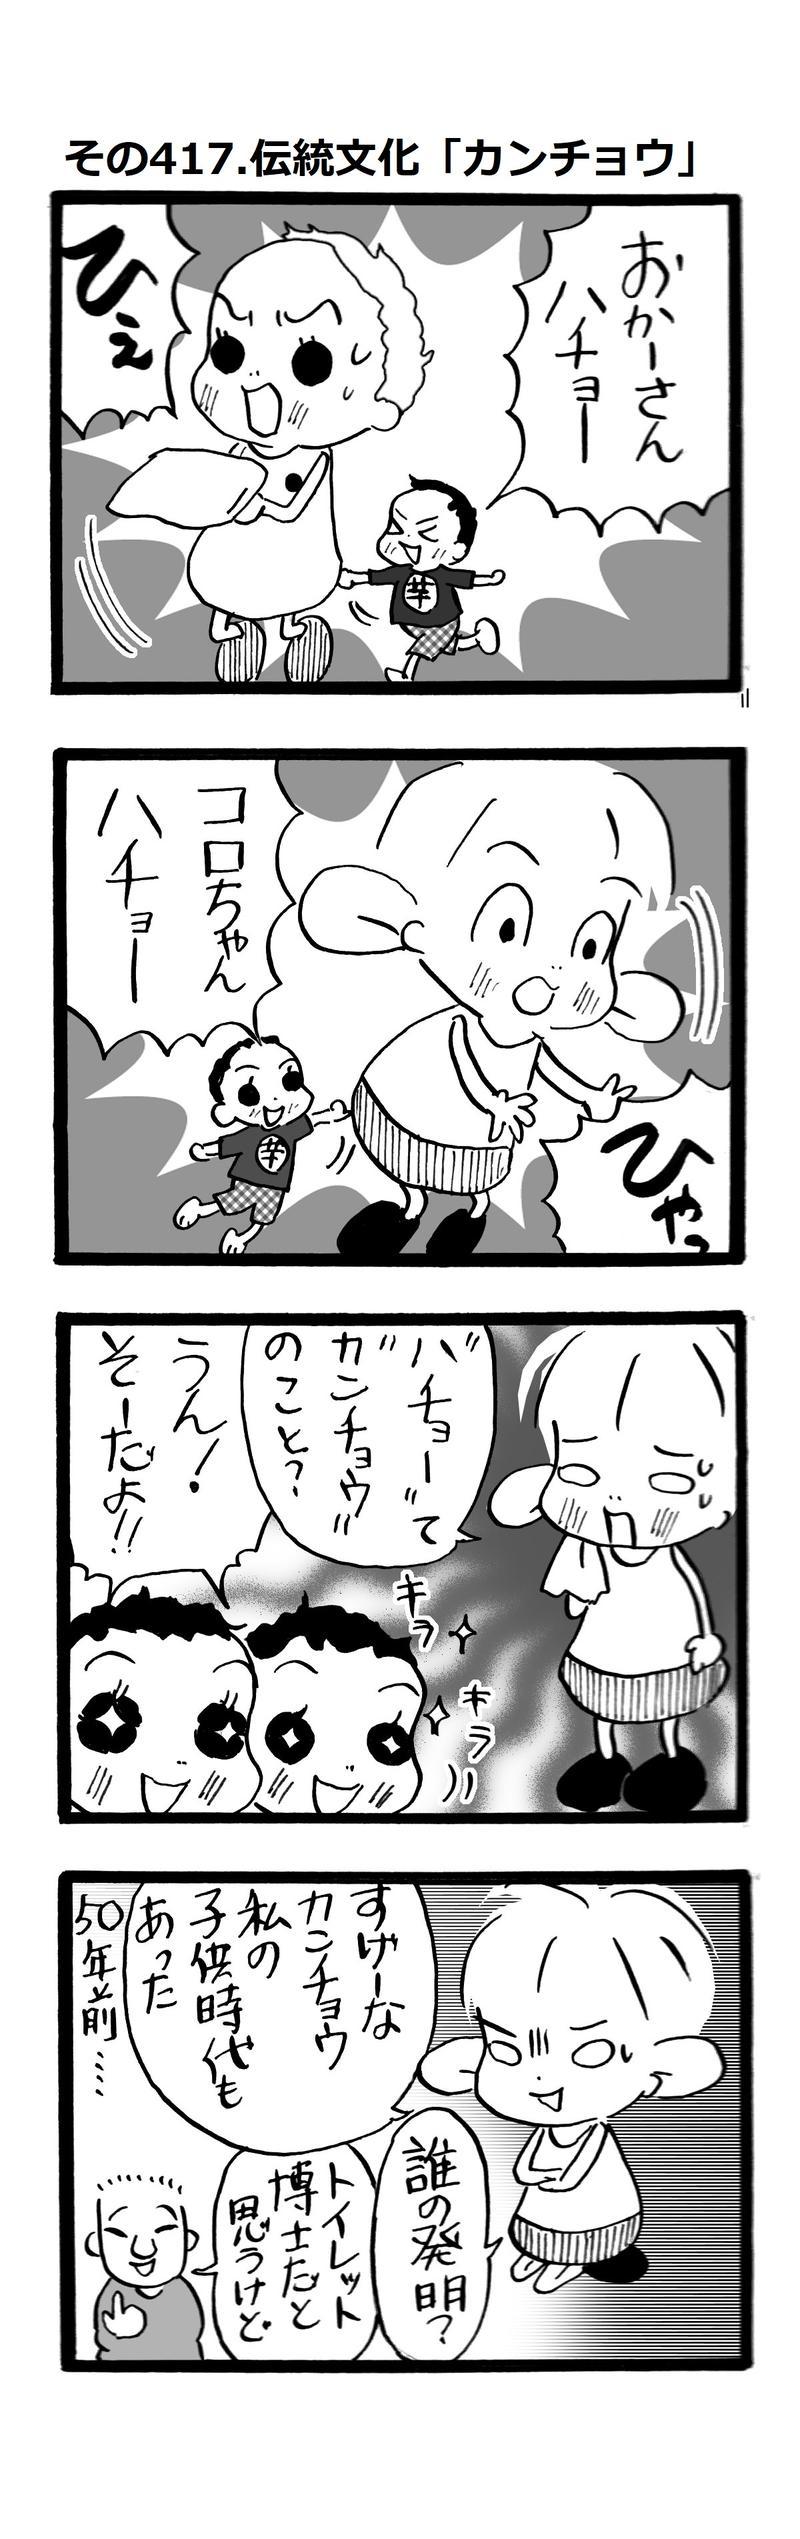 その417.日本の伝統文化!?カンチョウ!